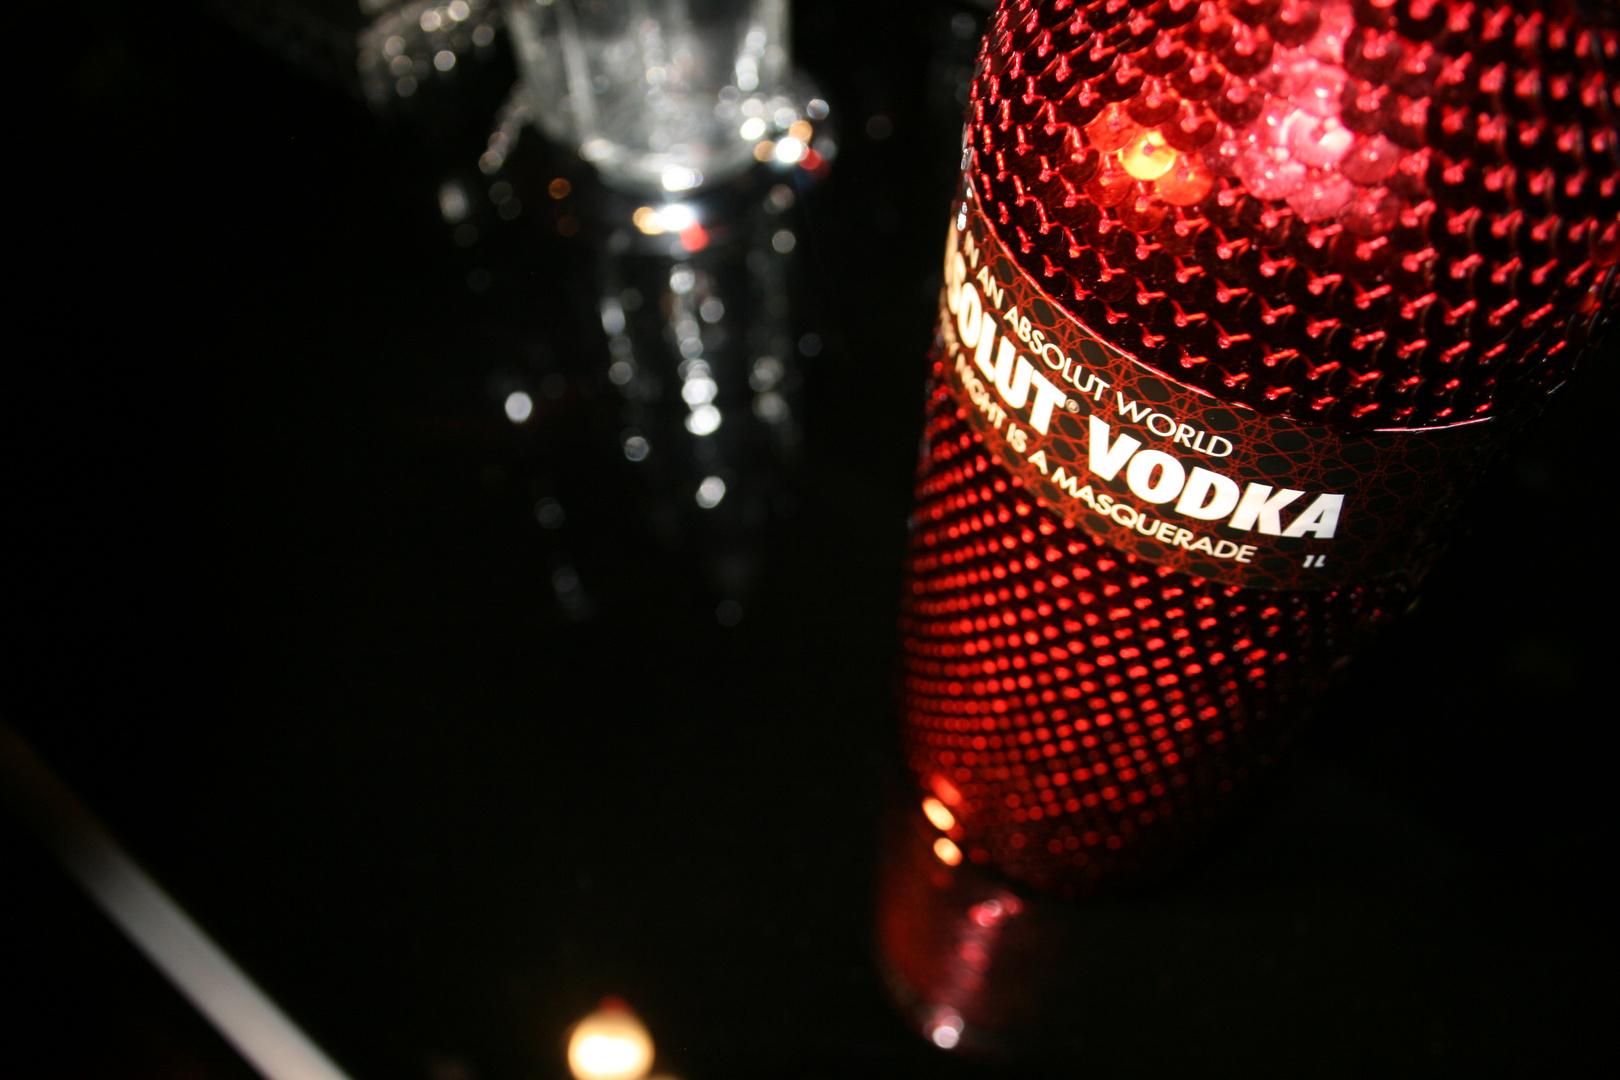 Die rote Wodka